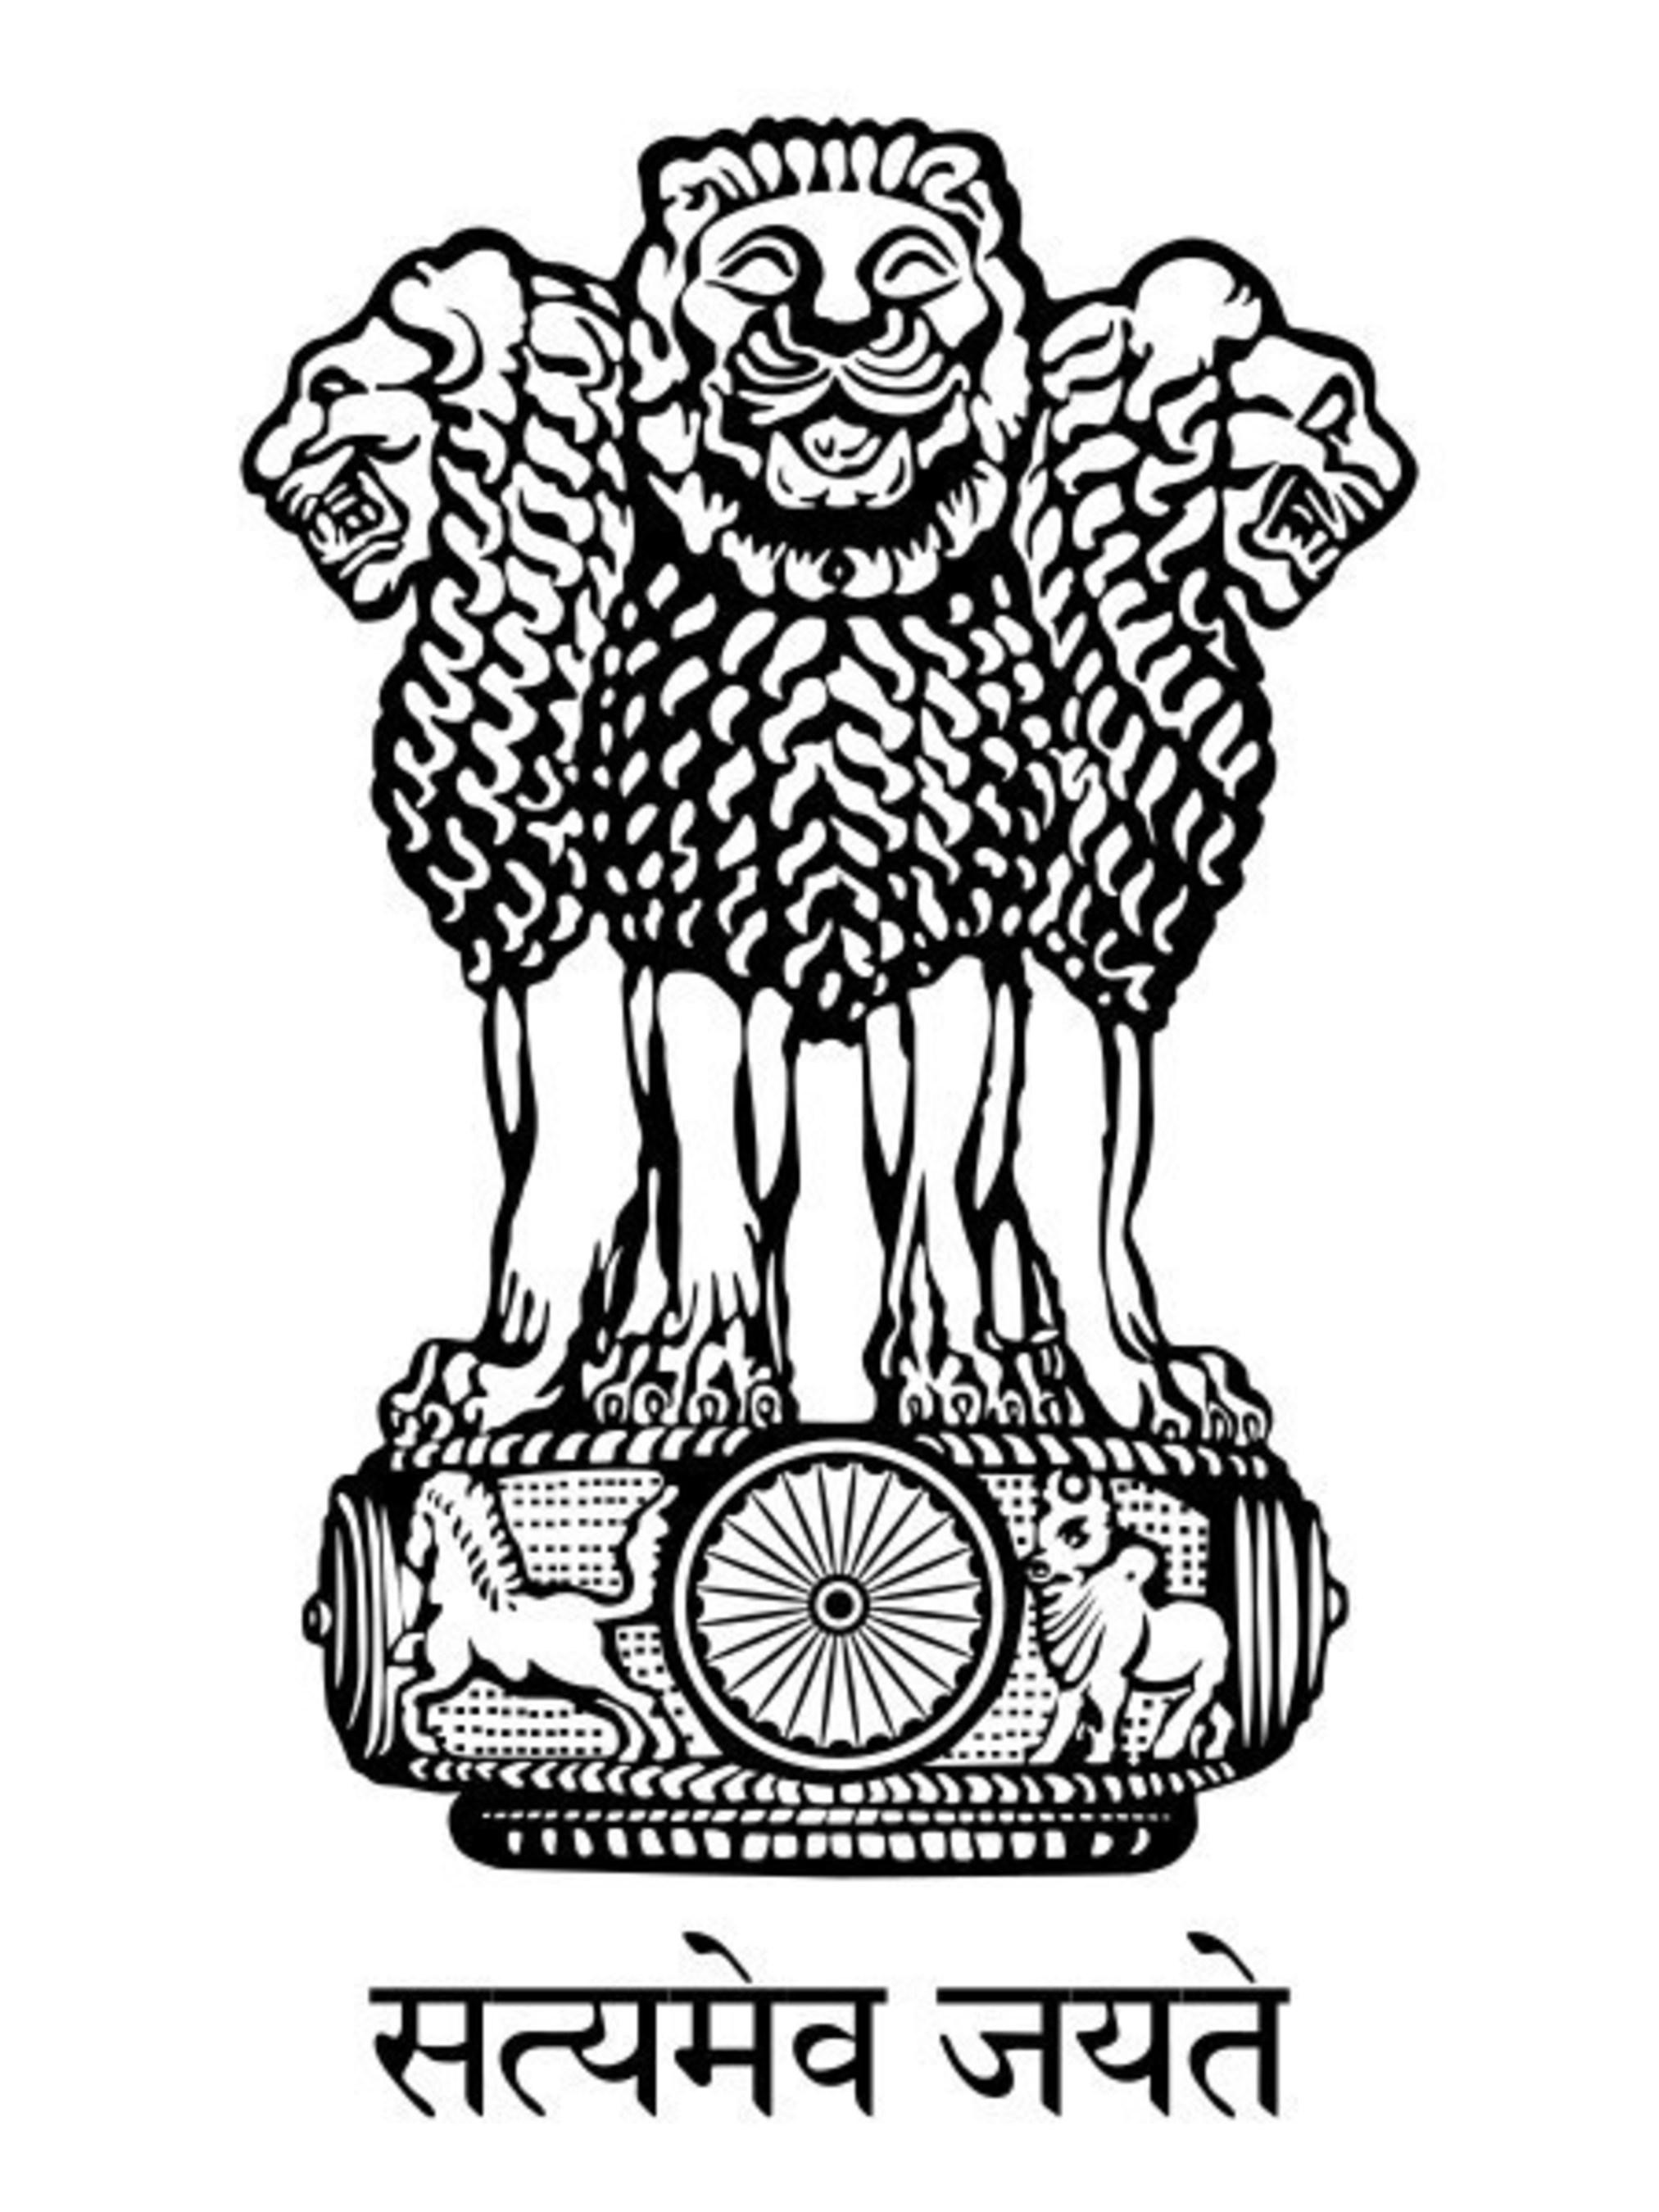 Indien gibt neue Partnerschaft zur Beschleunigung der finanziellen Eingliederung für alle Bürger